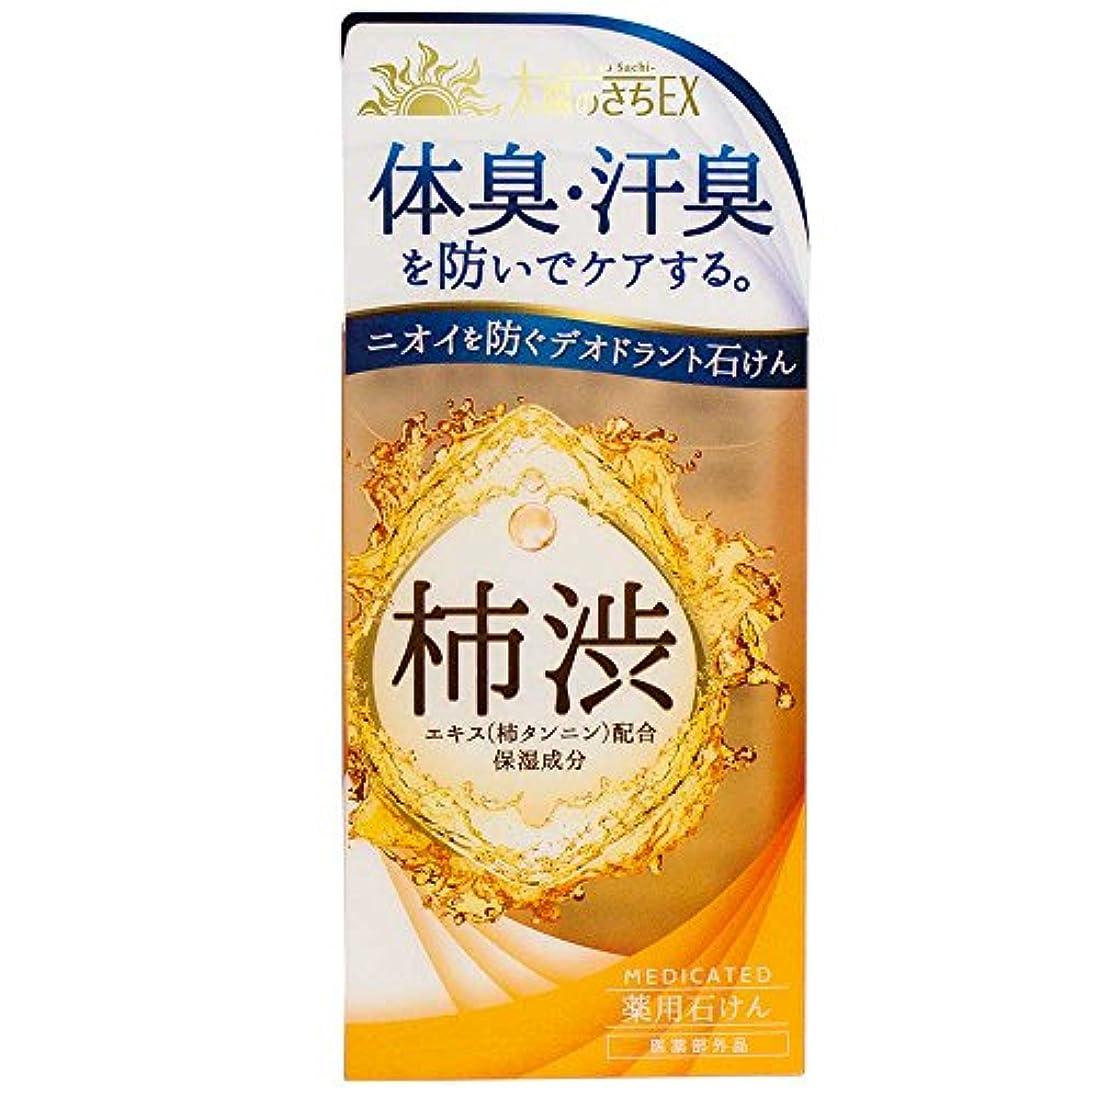 香港満足できる川薬用太陽のさちEX 柿渋石けん 120g